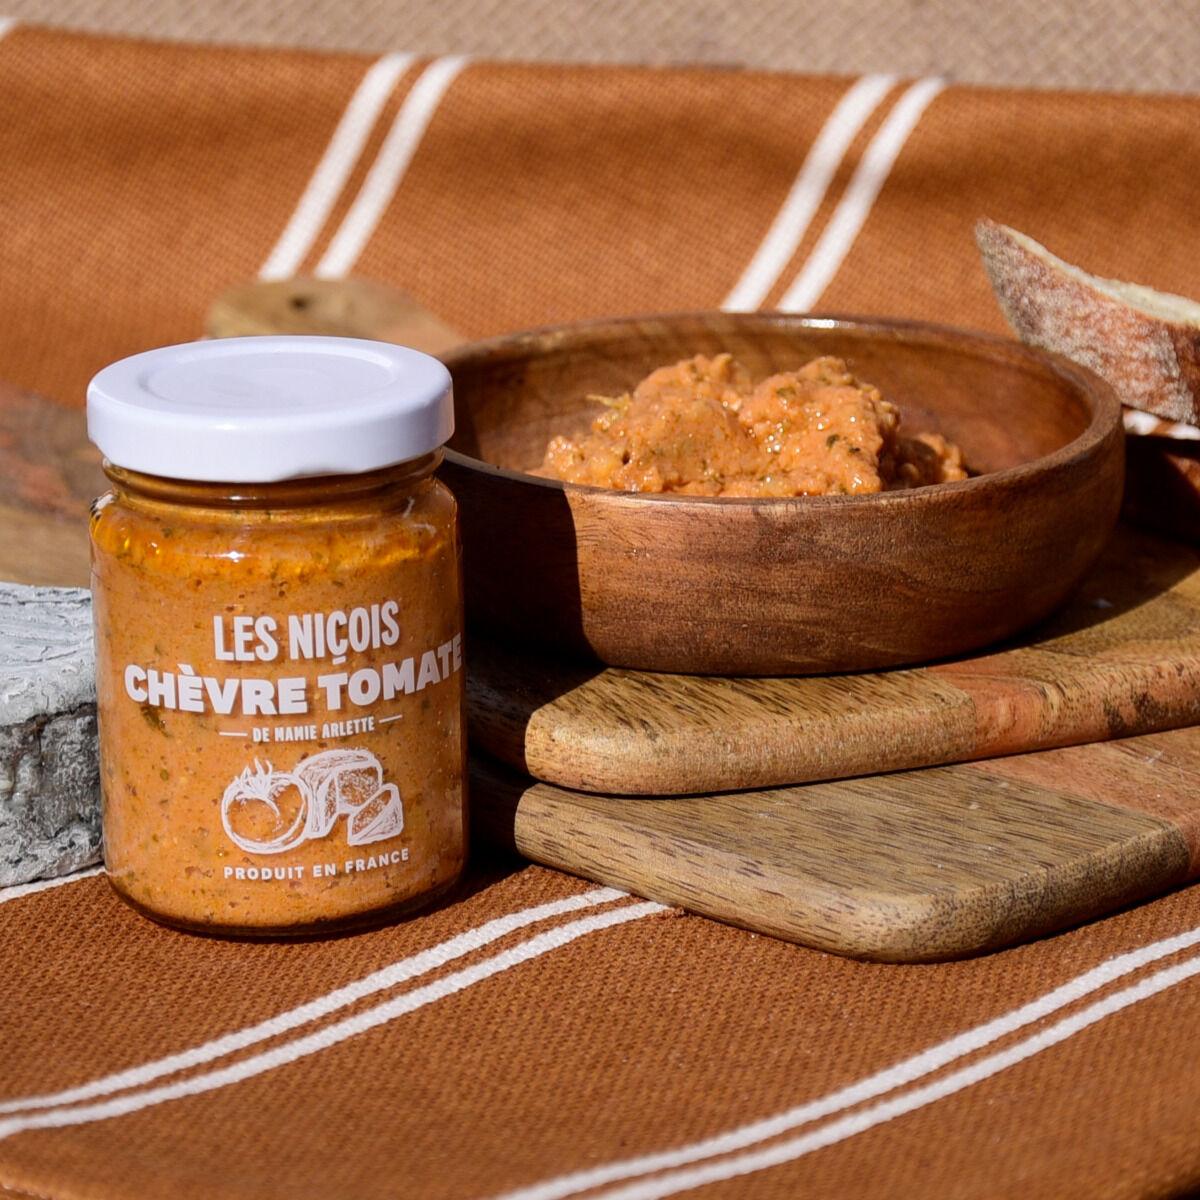 Les Niçois Chèvre Tomate De Mamie Arlette 80g